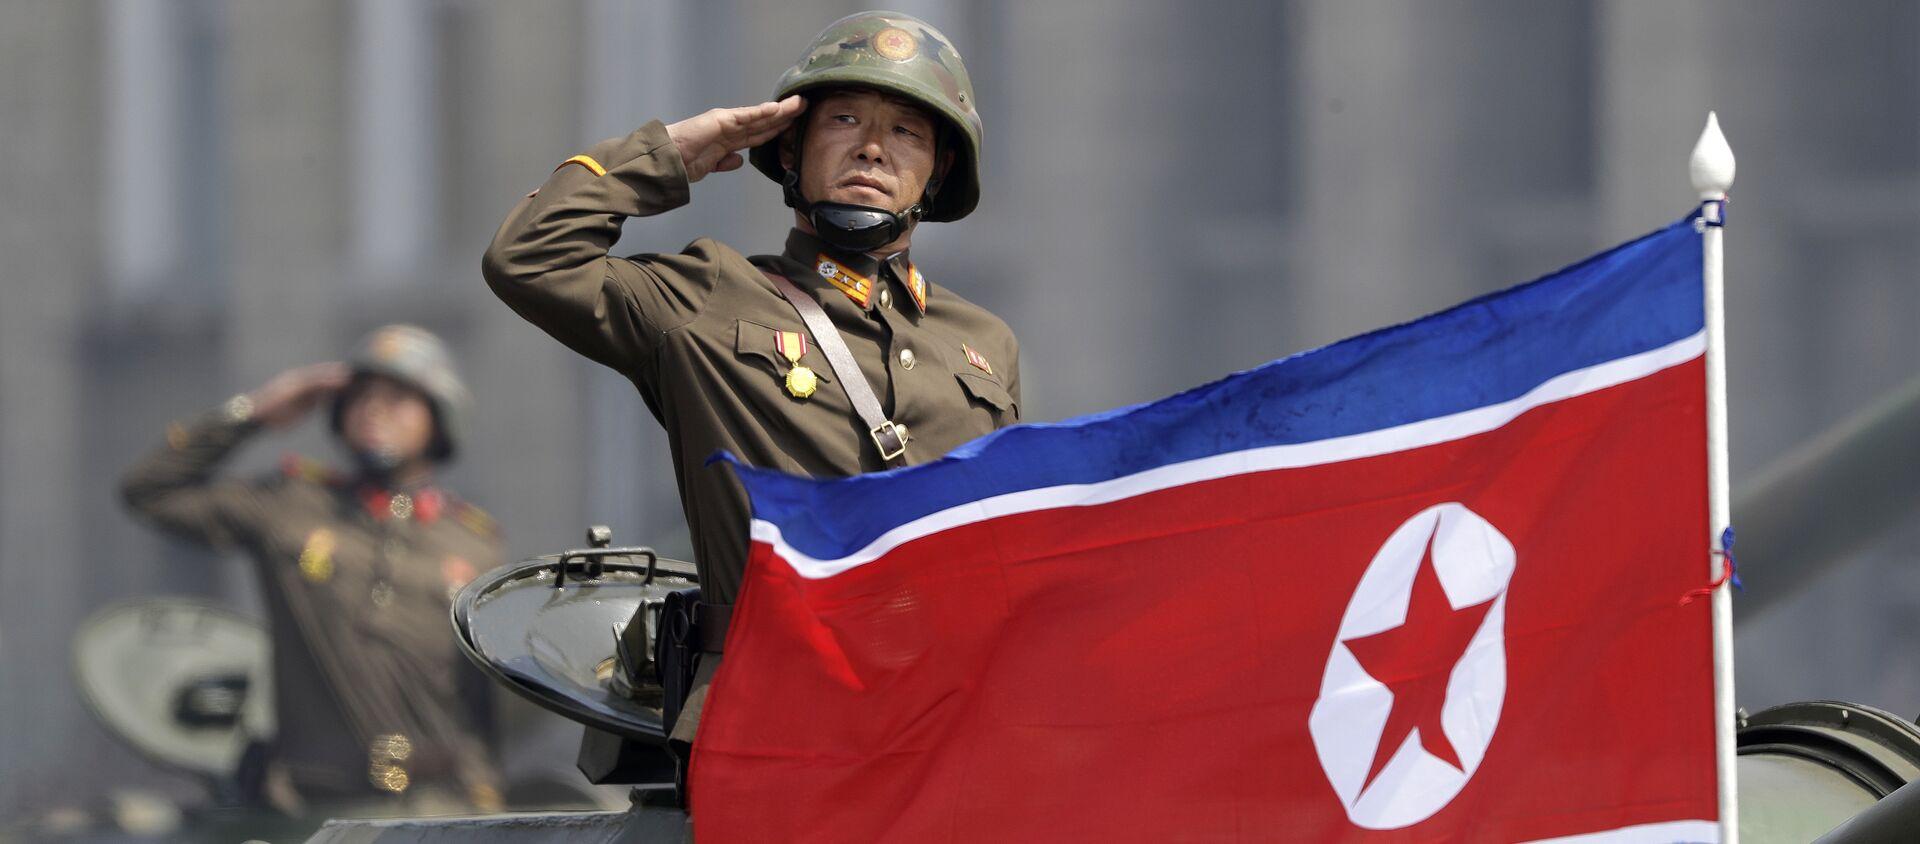 La bandiera della Corea del Nord. - Sputnik Italia, 1920, 27.03.2021